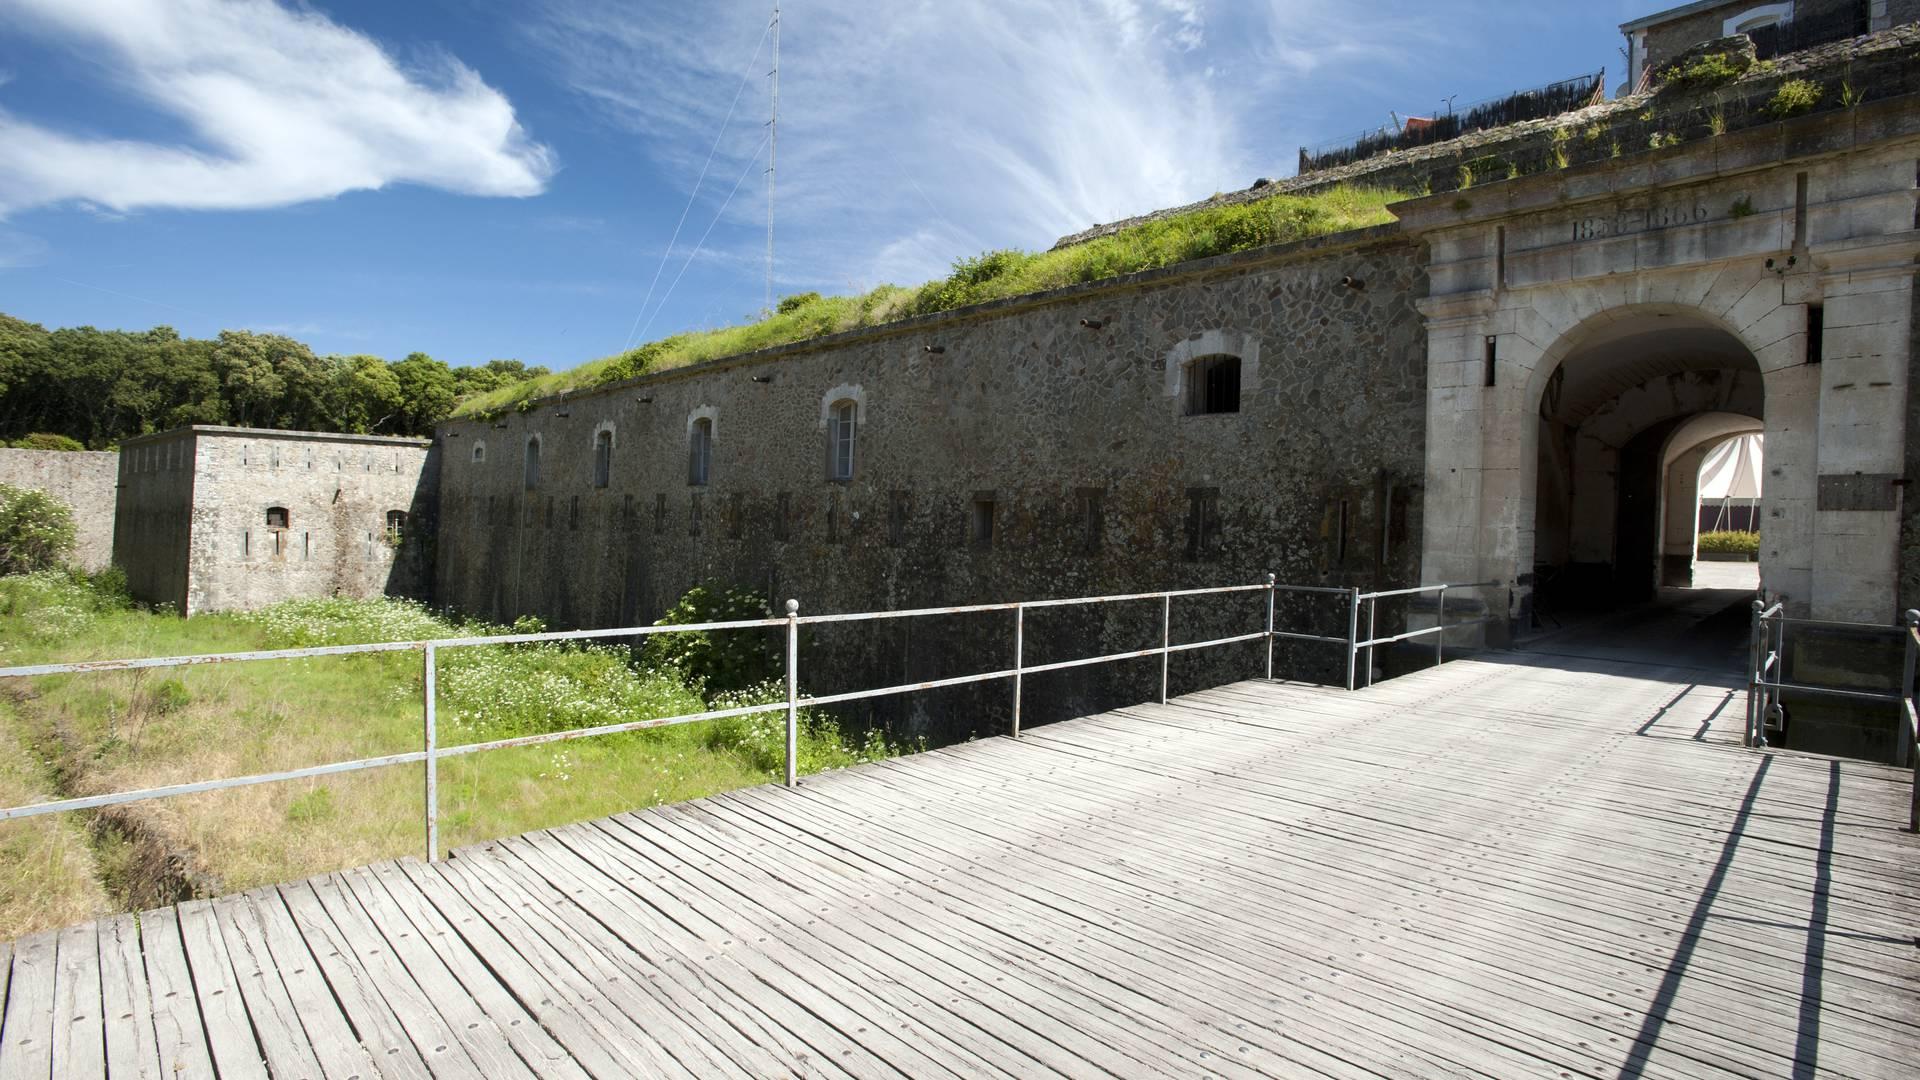 Citadelle, Fort de la Pierre Levée, Ile d'Yeu